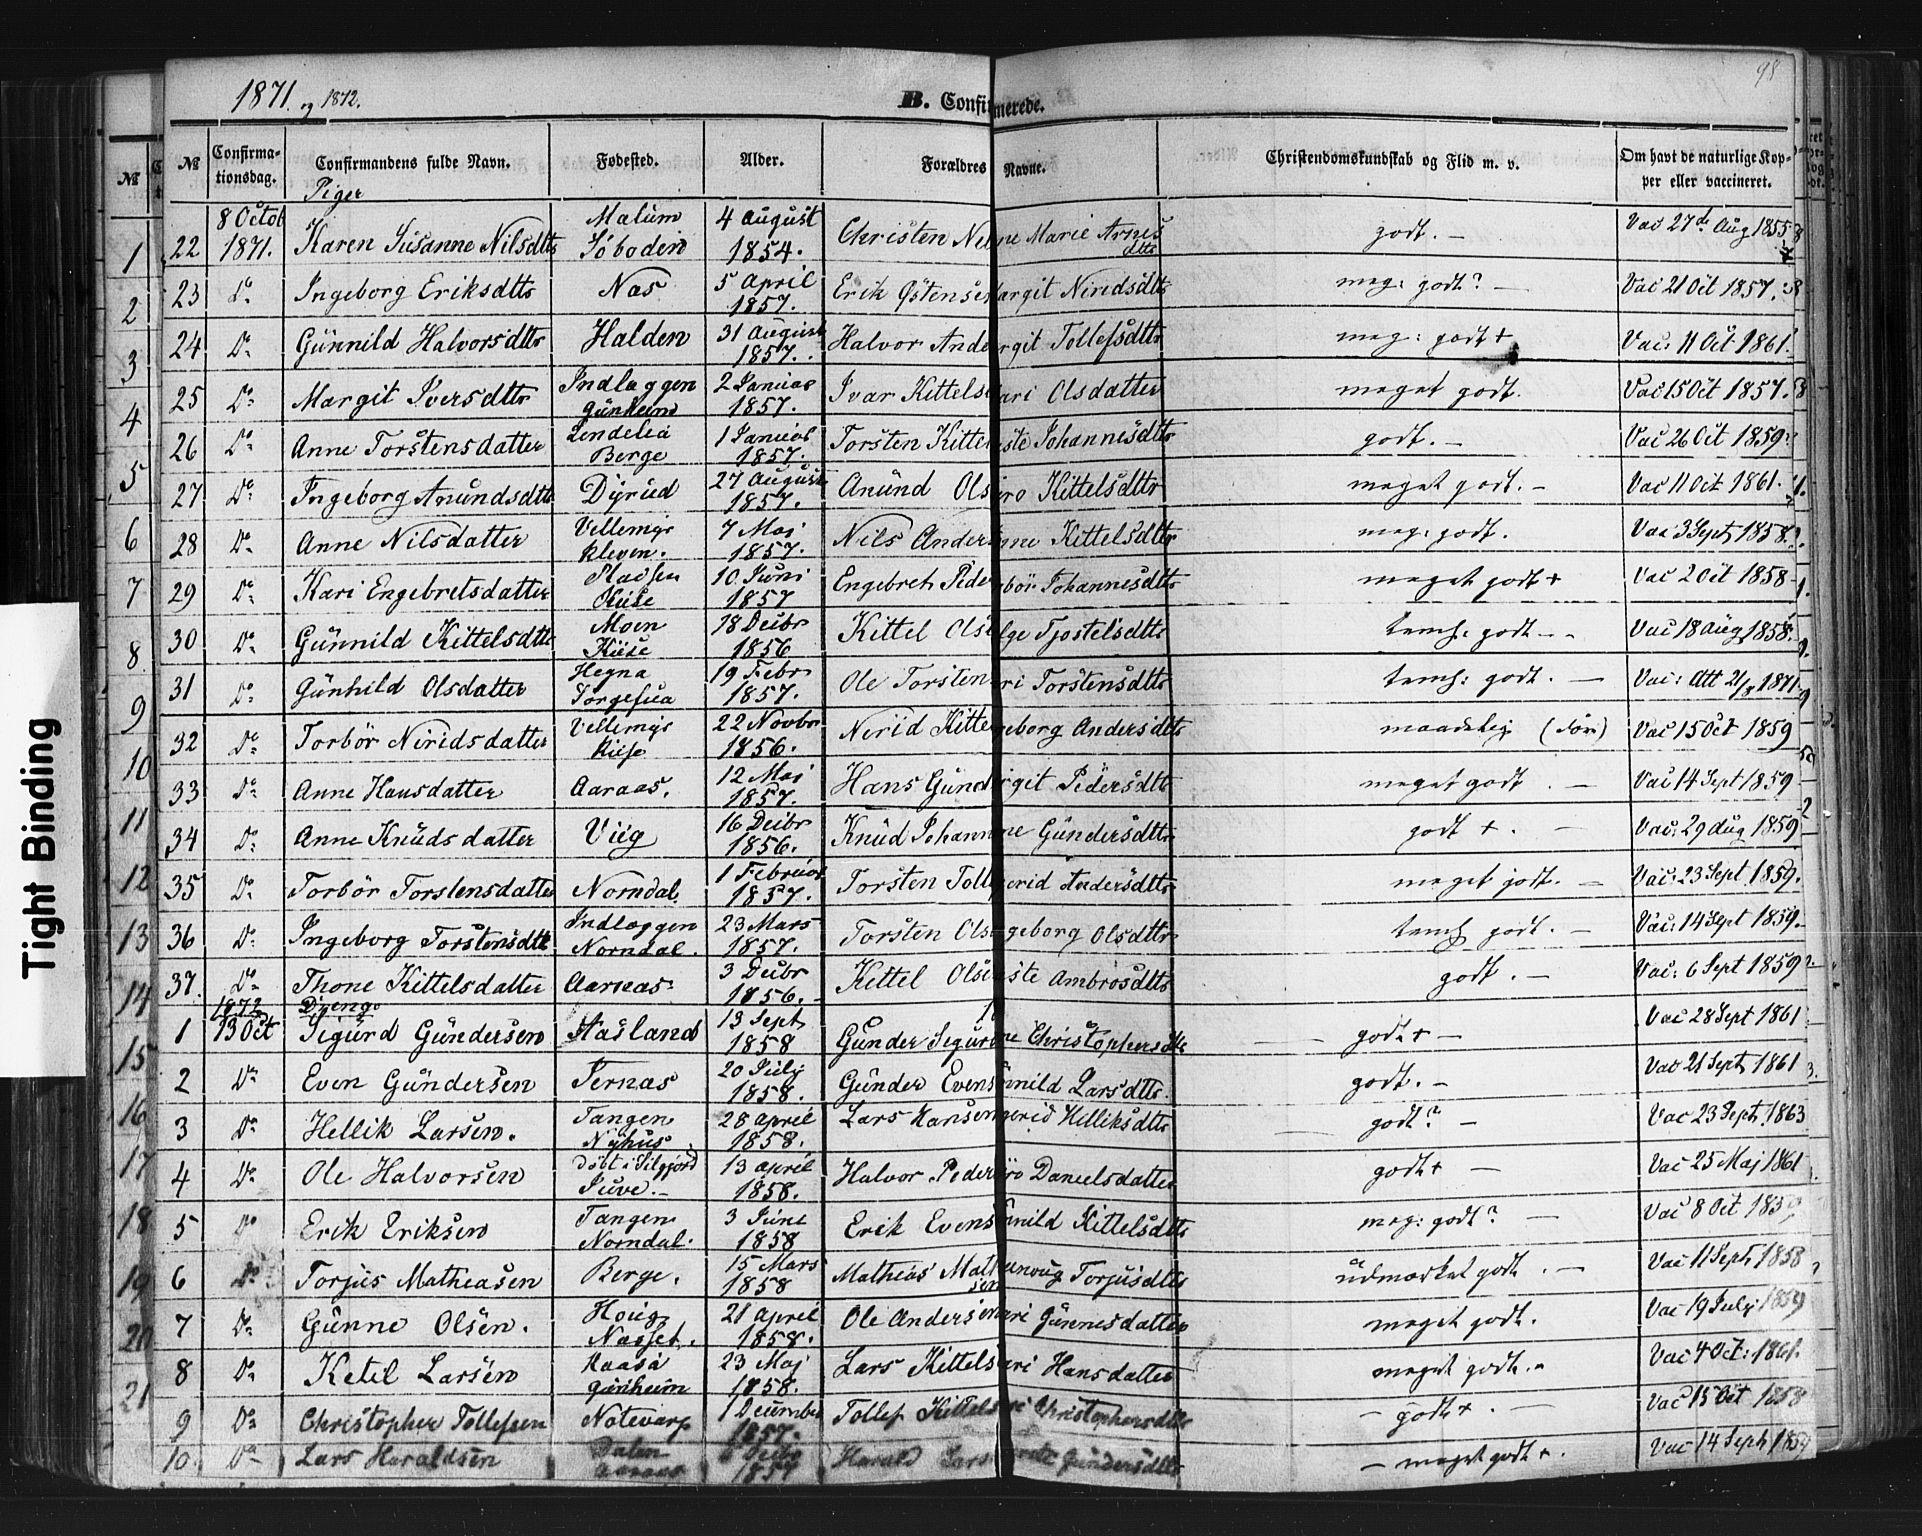 SAKO, Sauherad kirkebøker, F/Fb/L0001: Ministerialbok nr. II 1, 1851-1877, s. 98